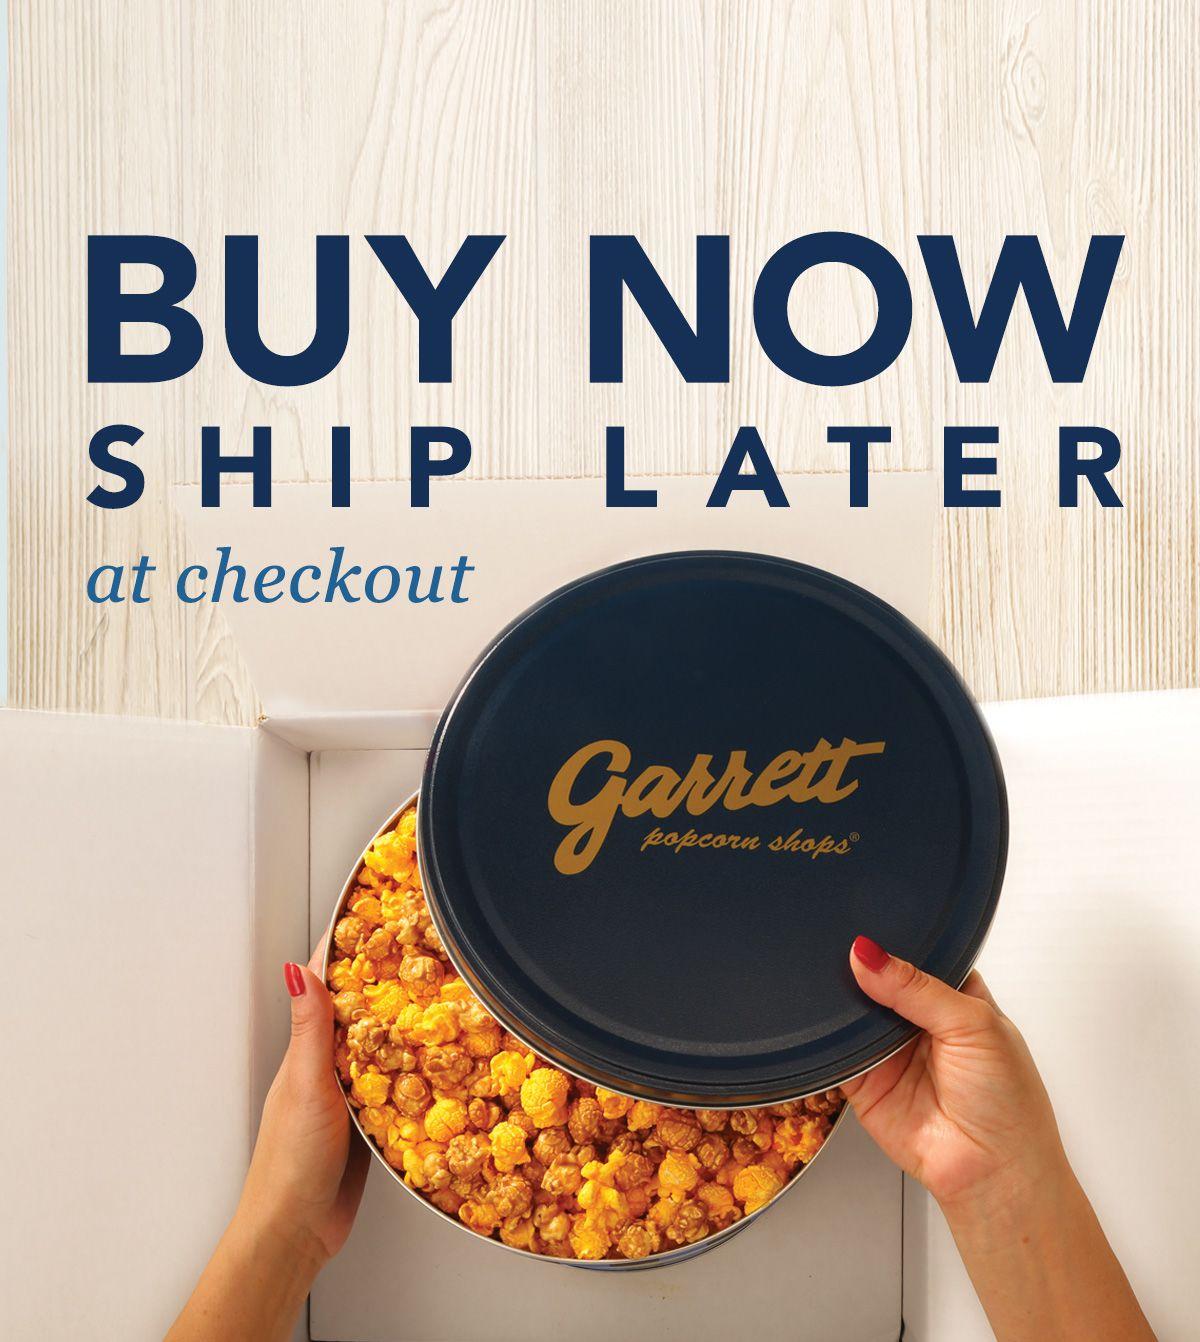 garrett popcorn coupon shipping